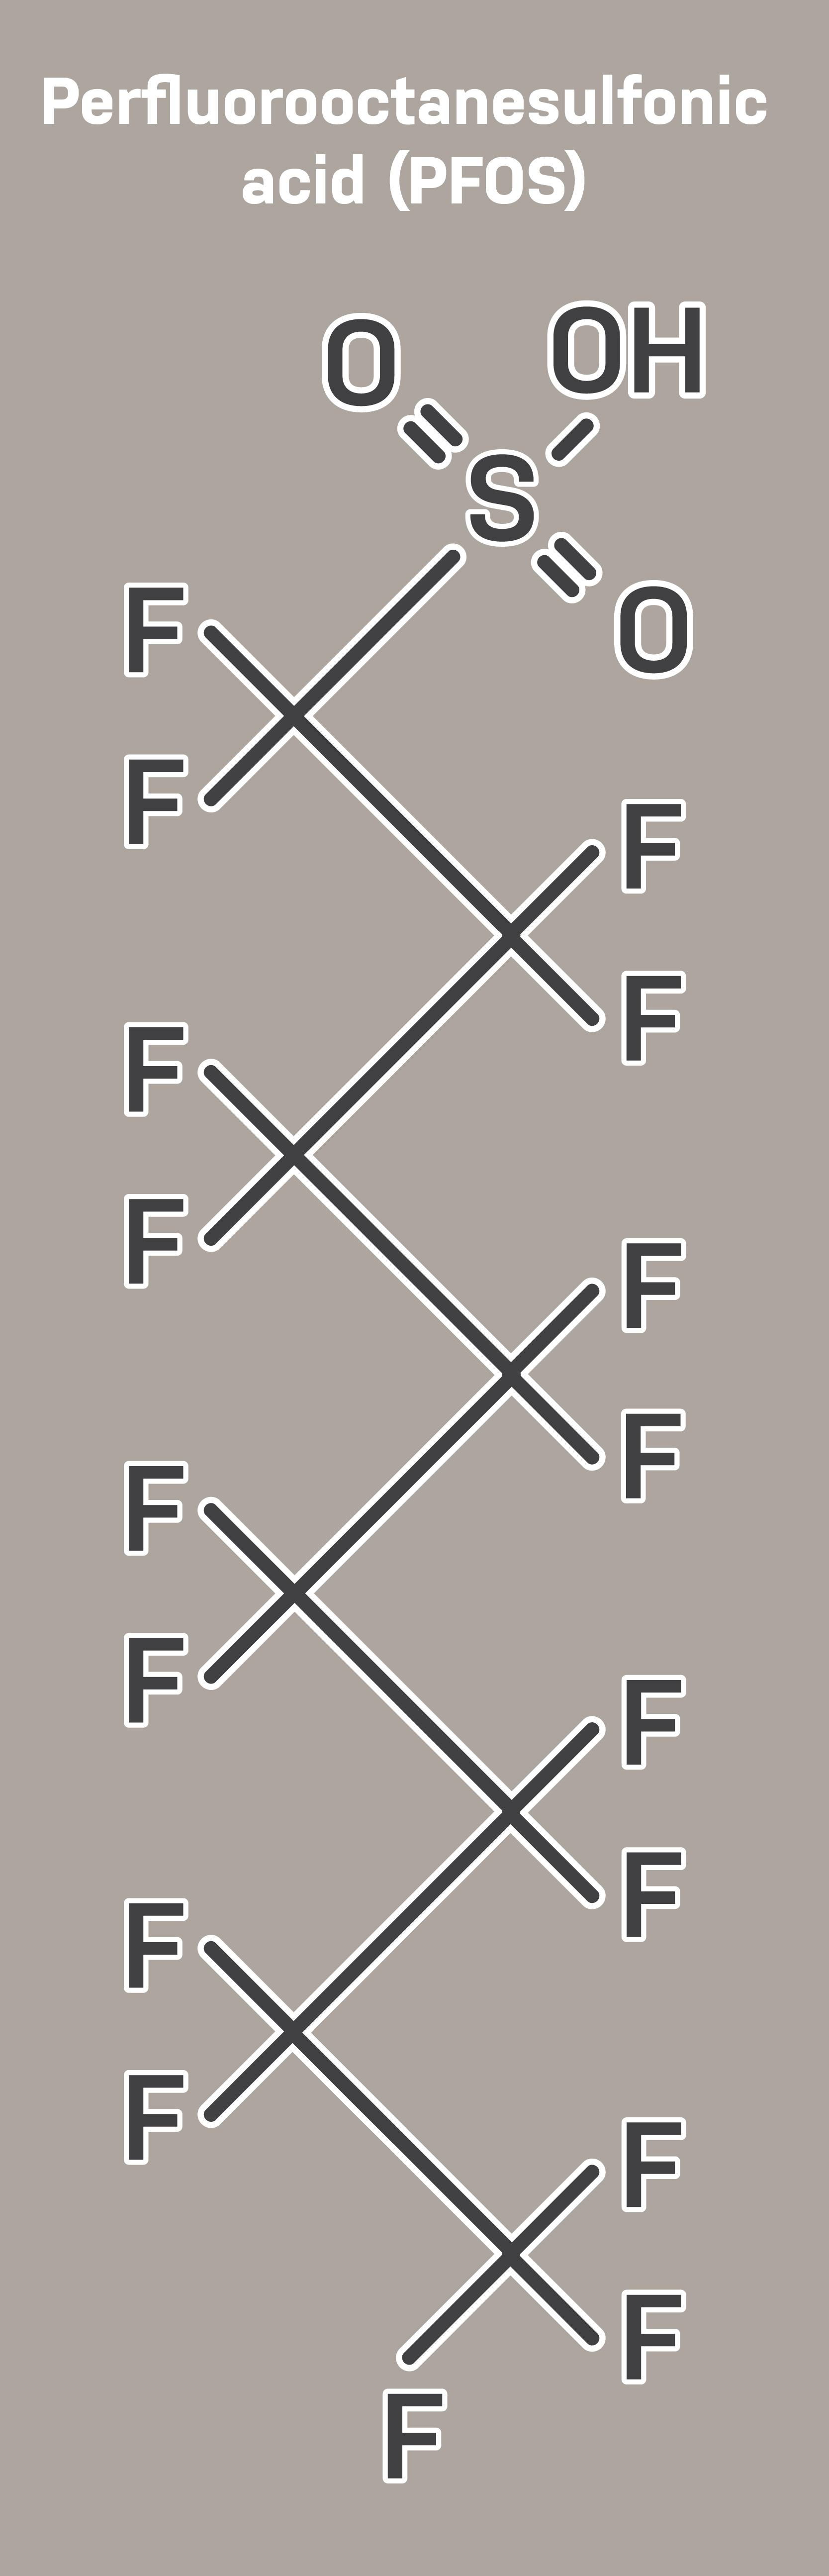 X_PFOA_PFOS_v1-02.jpg